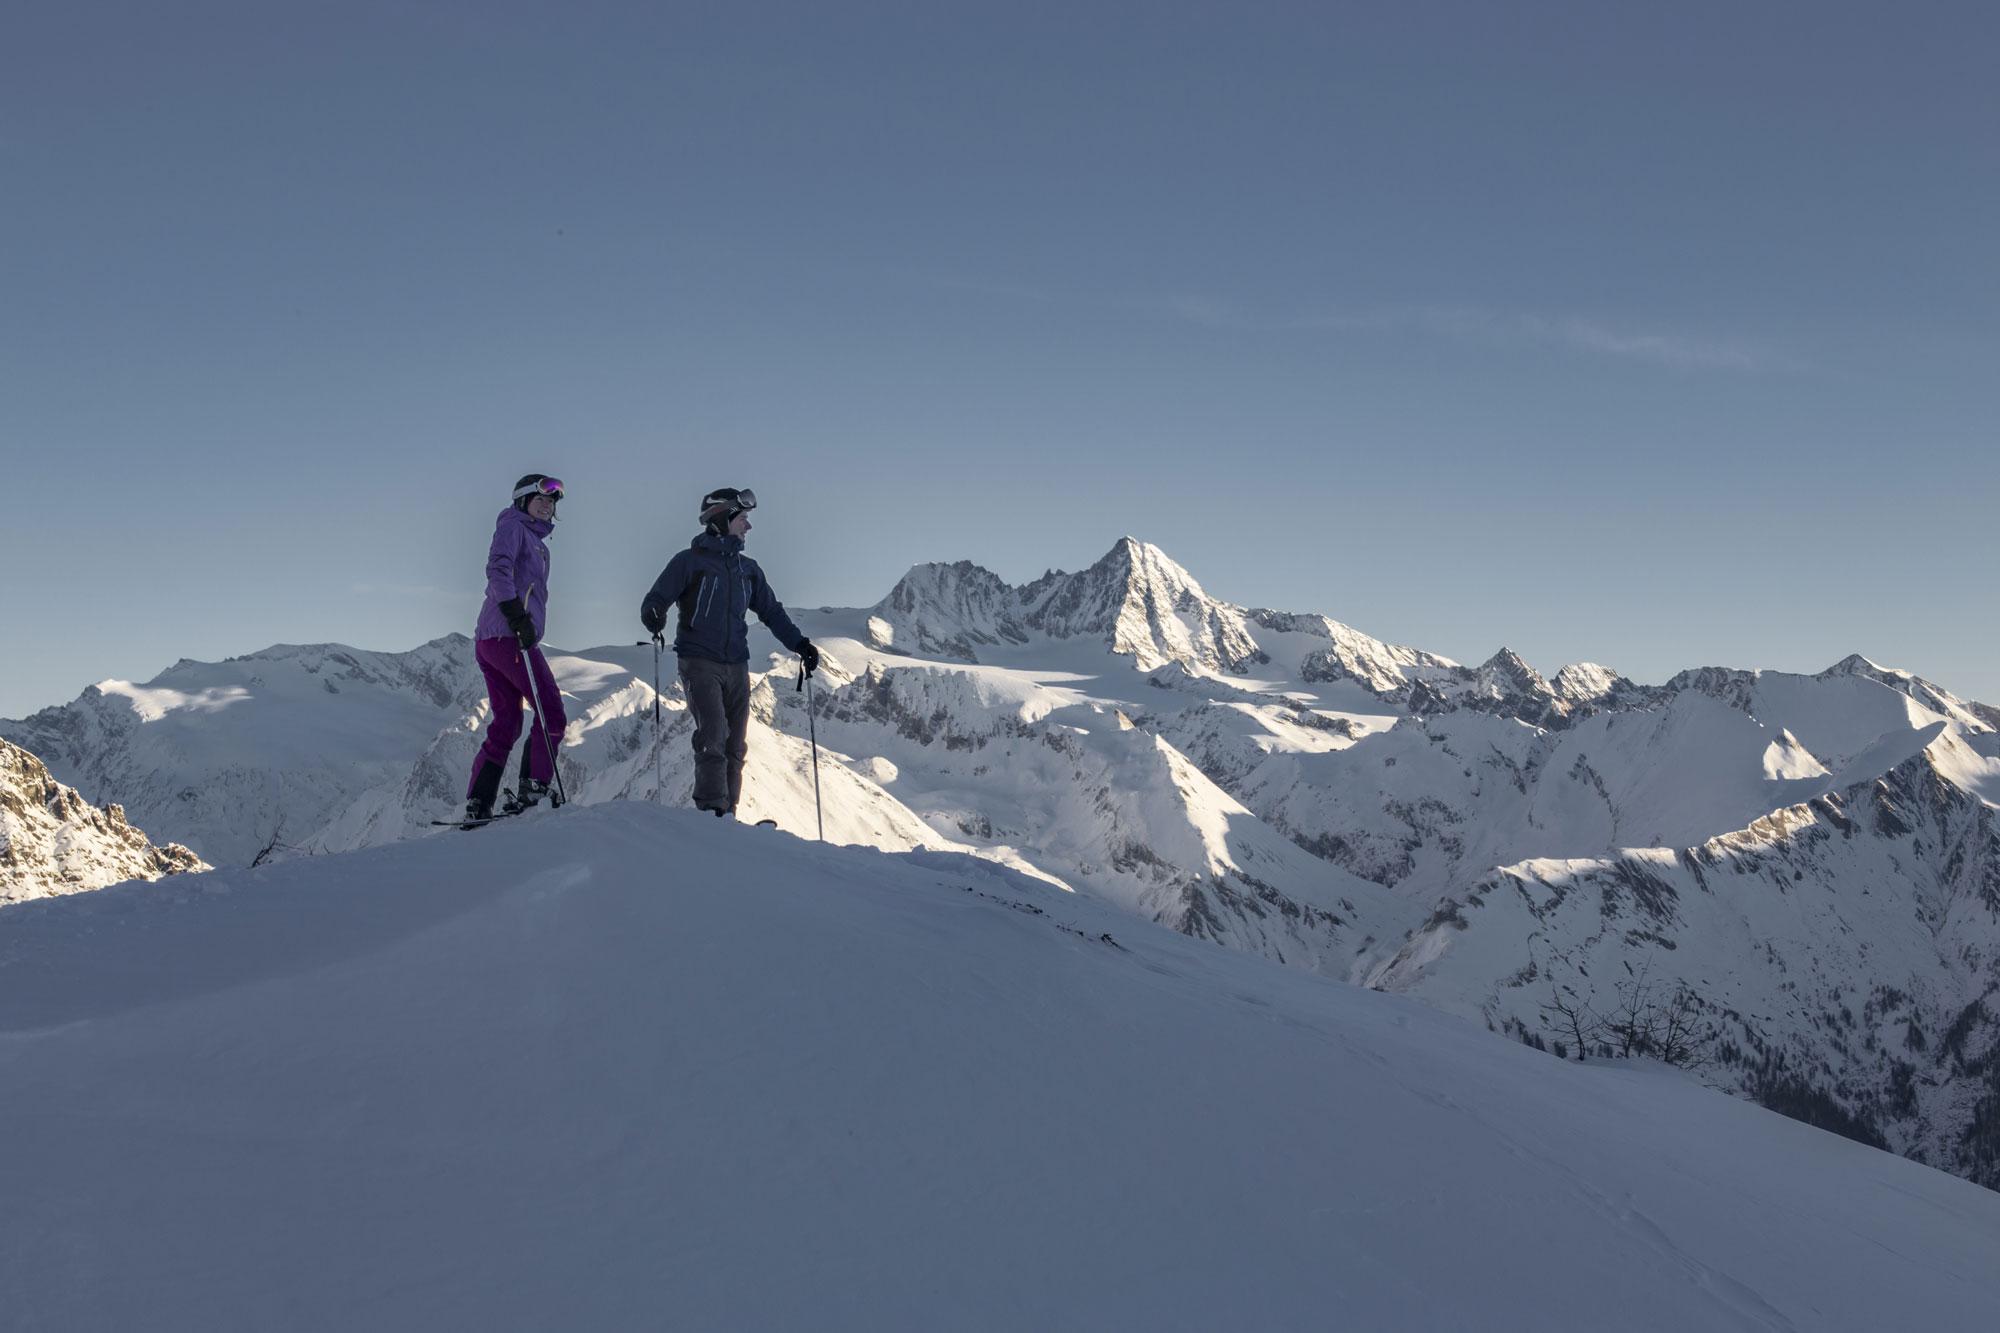 Winterspaß & Erholung in Osttirol pro Person € 424,-